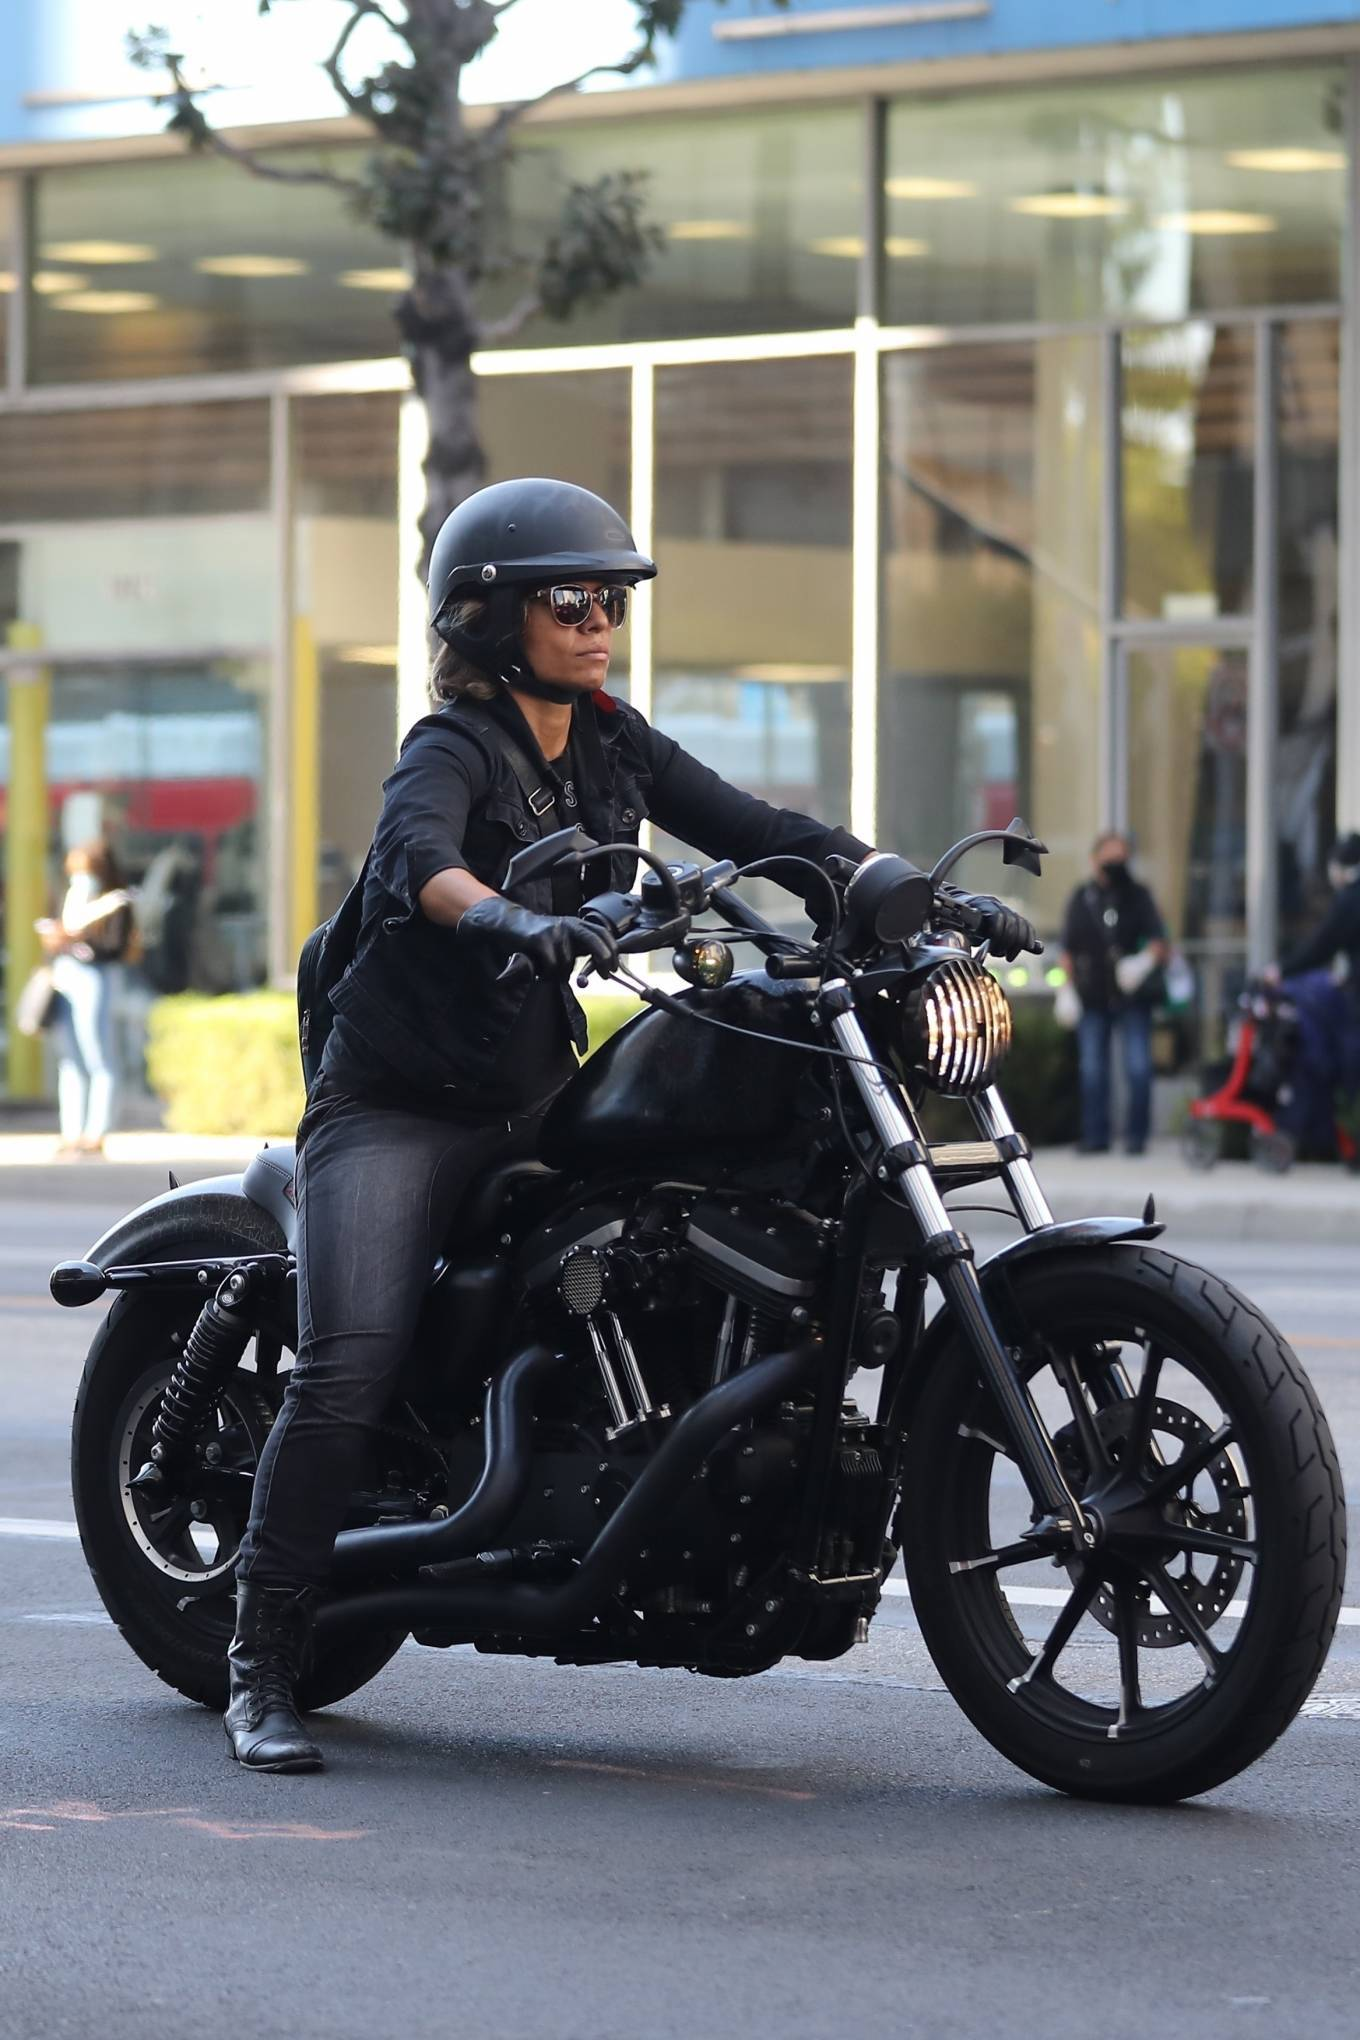 Halle Berry - Ride Harley Davidson bike in Beverly Hills